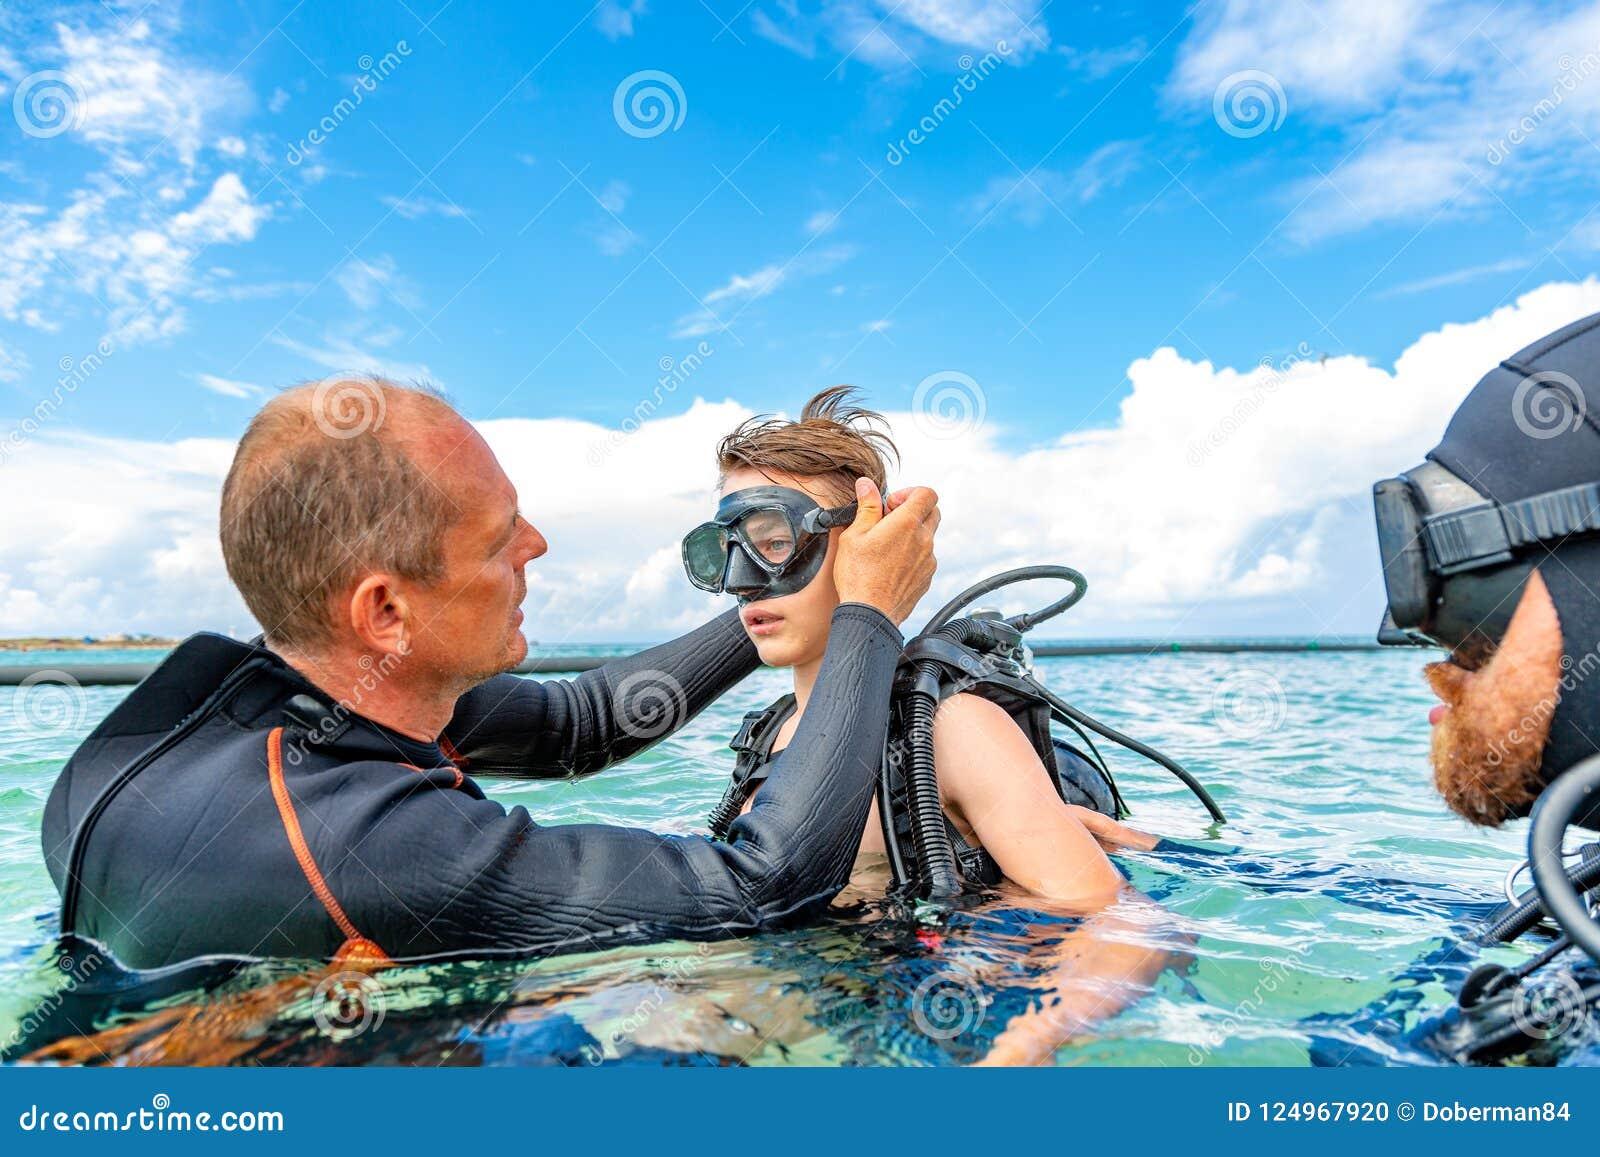 Ένα άτομο σε ένα κοστούμι για την κατάδυση προετοιμάζει ένα αγόρι για να βουτήξει